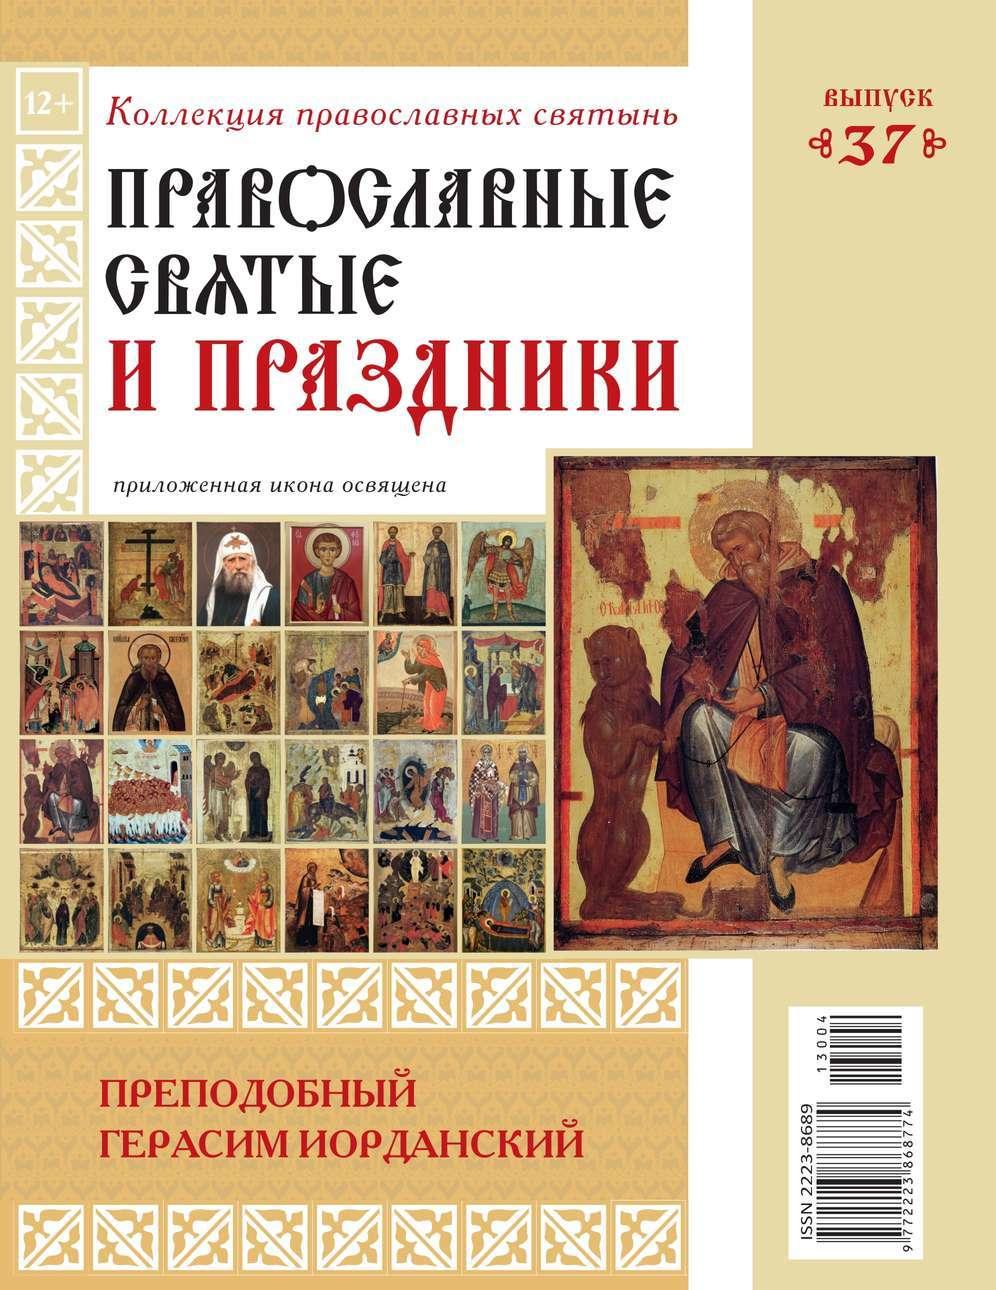 Коллекция Православных Святынь 37